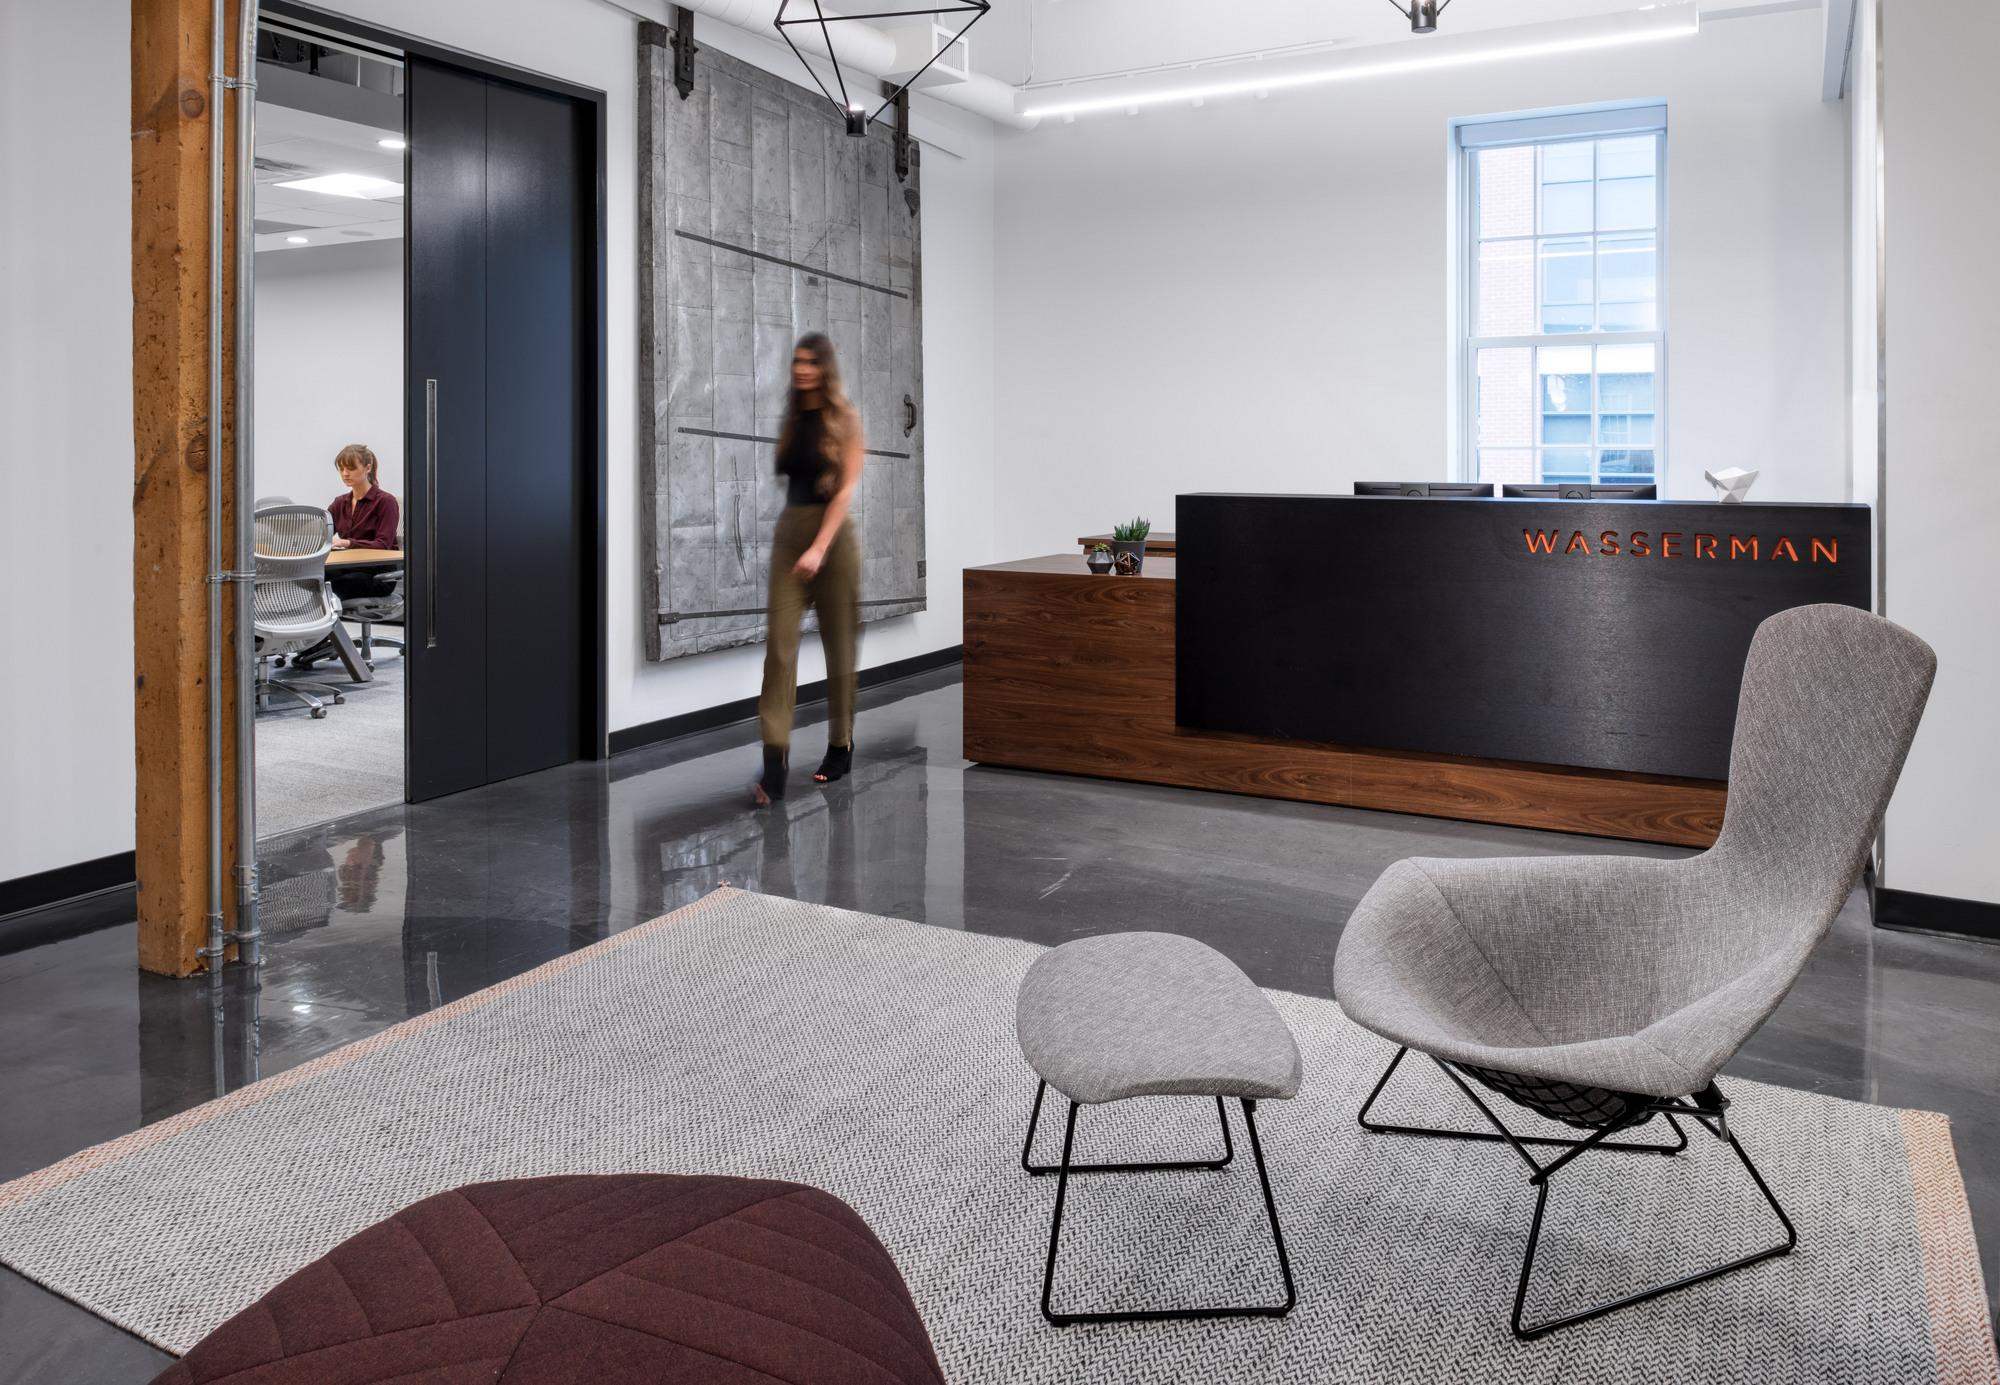 【体育营销企业】办公空间设计